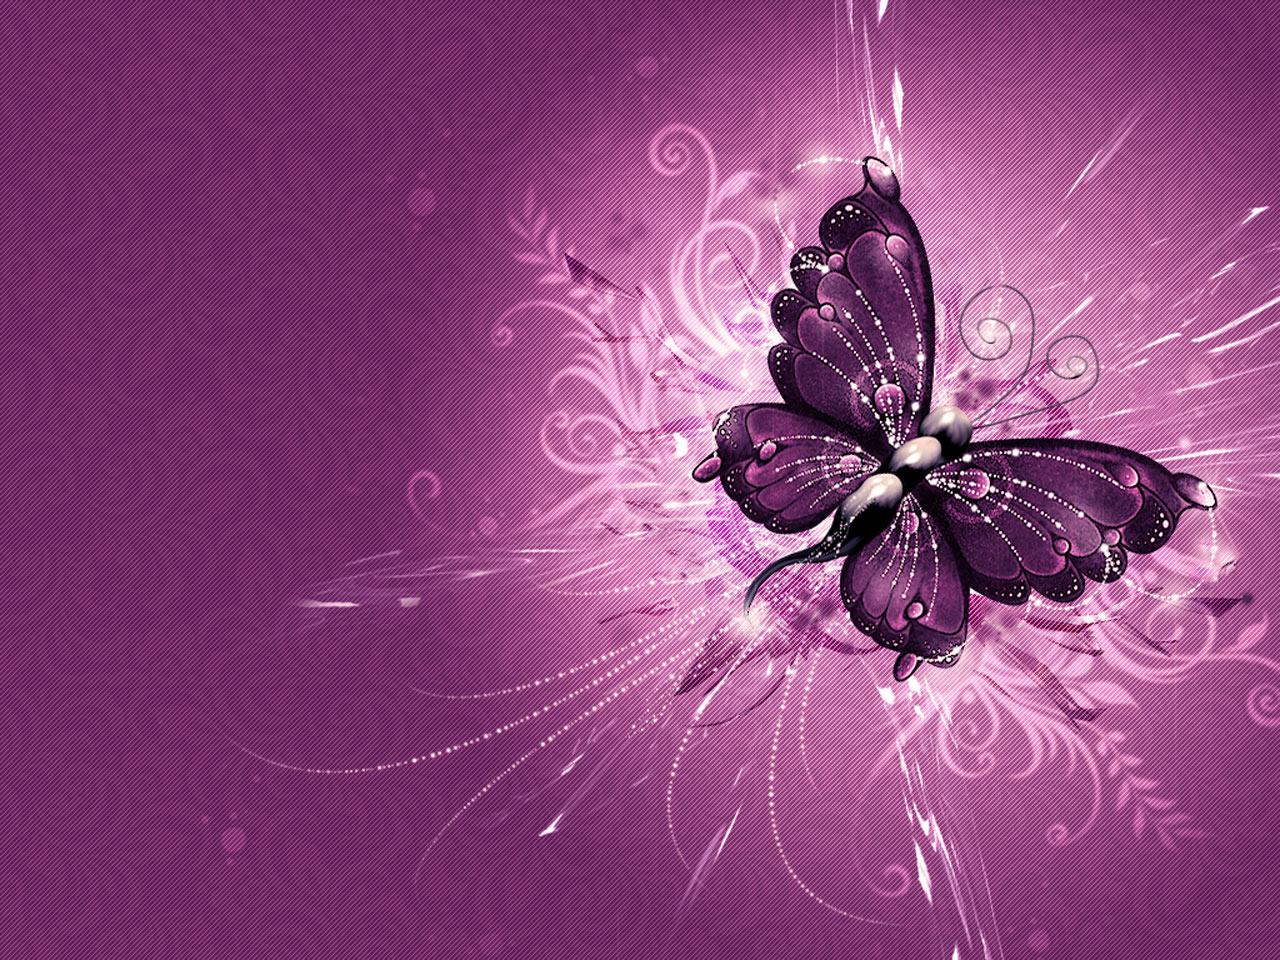 download Butterfly Wallpaper wallpaper Butterfly Wallpaper hd 1280x960